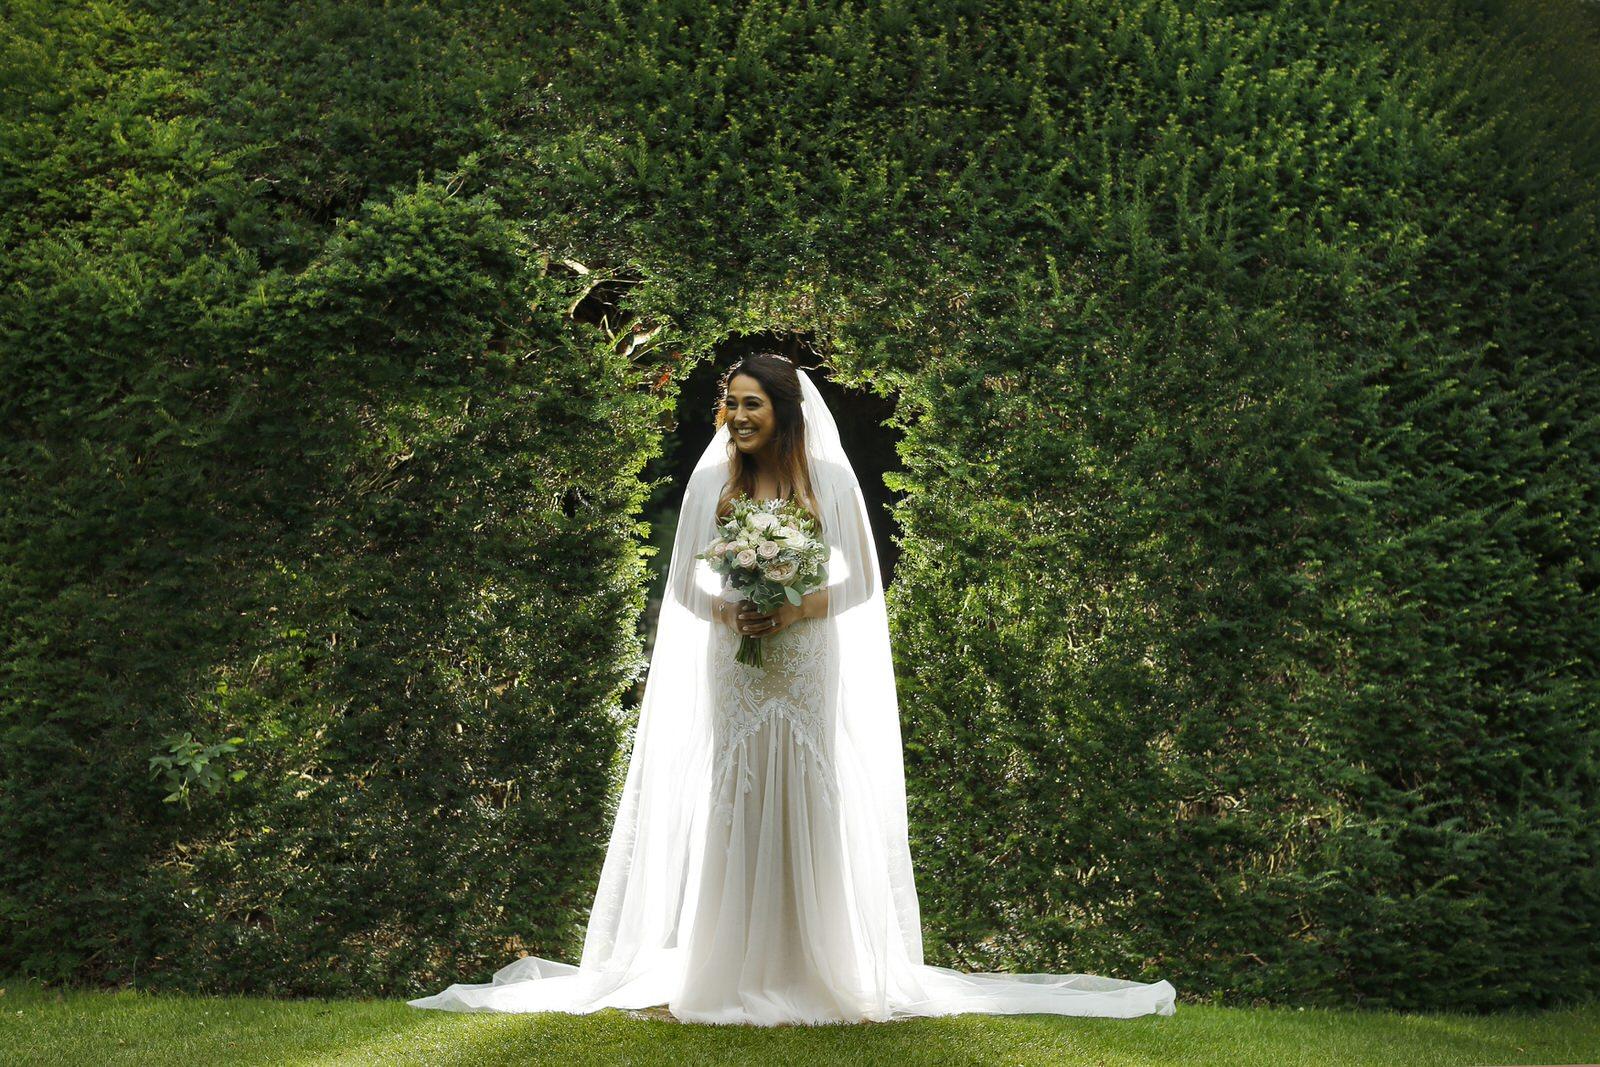 Brettharkness-sudeley-castle-wedding-photographer_0030.jpg